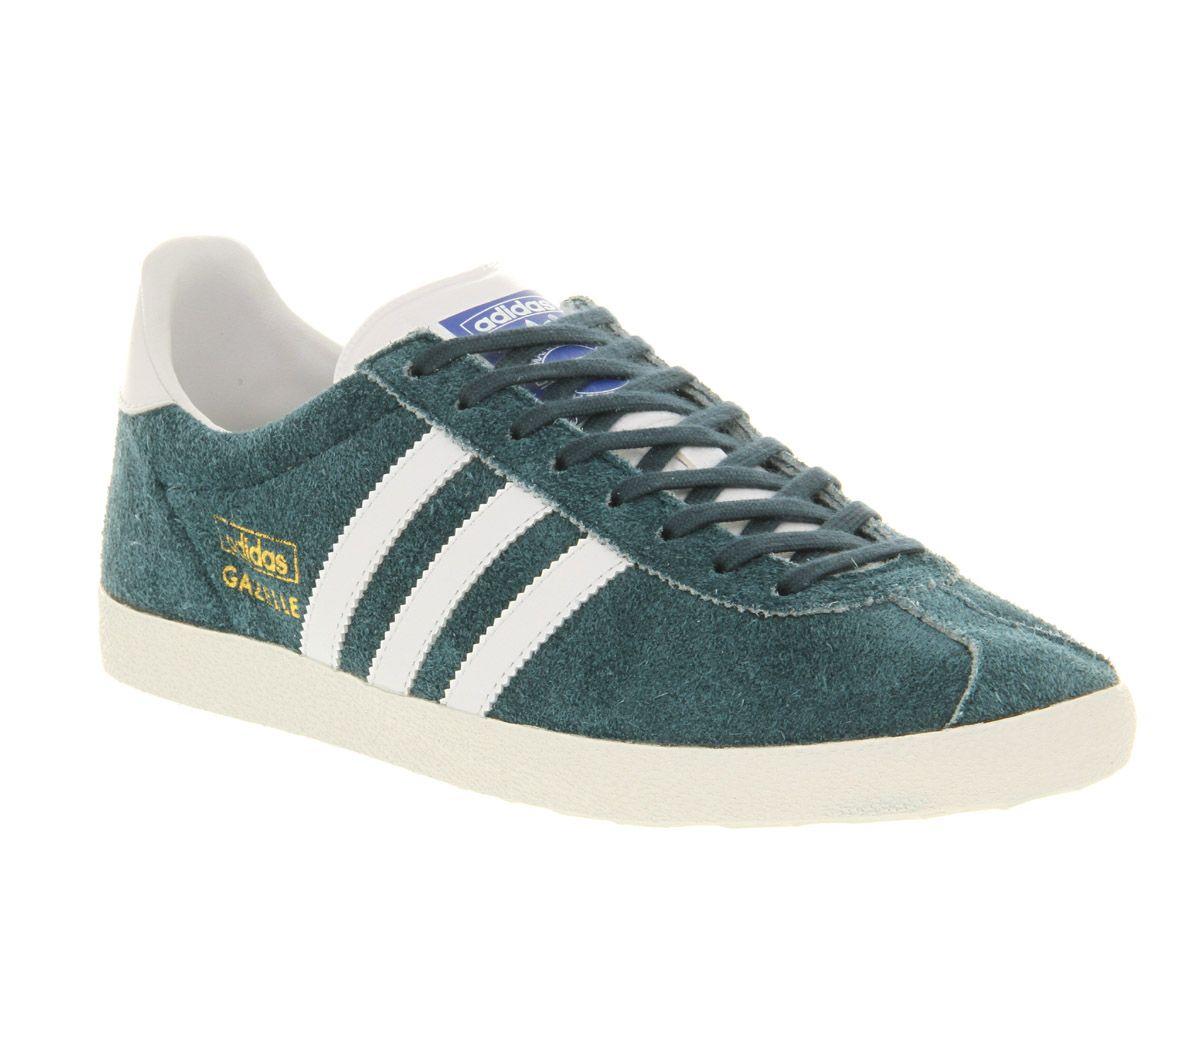 Adidas gazelle petrol blue